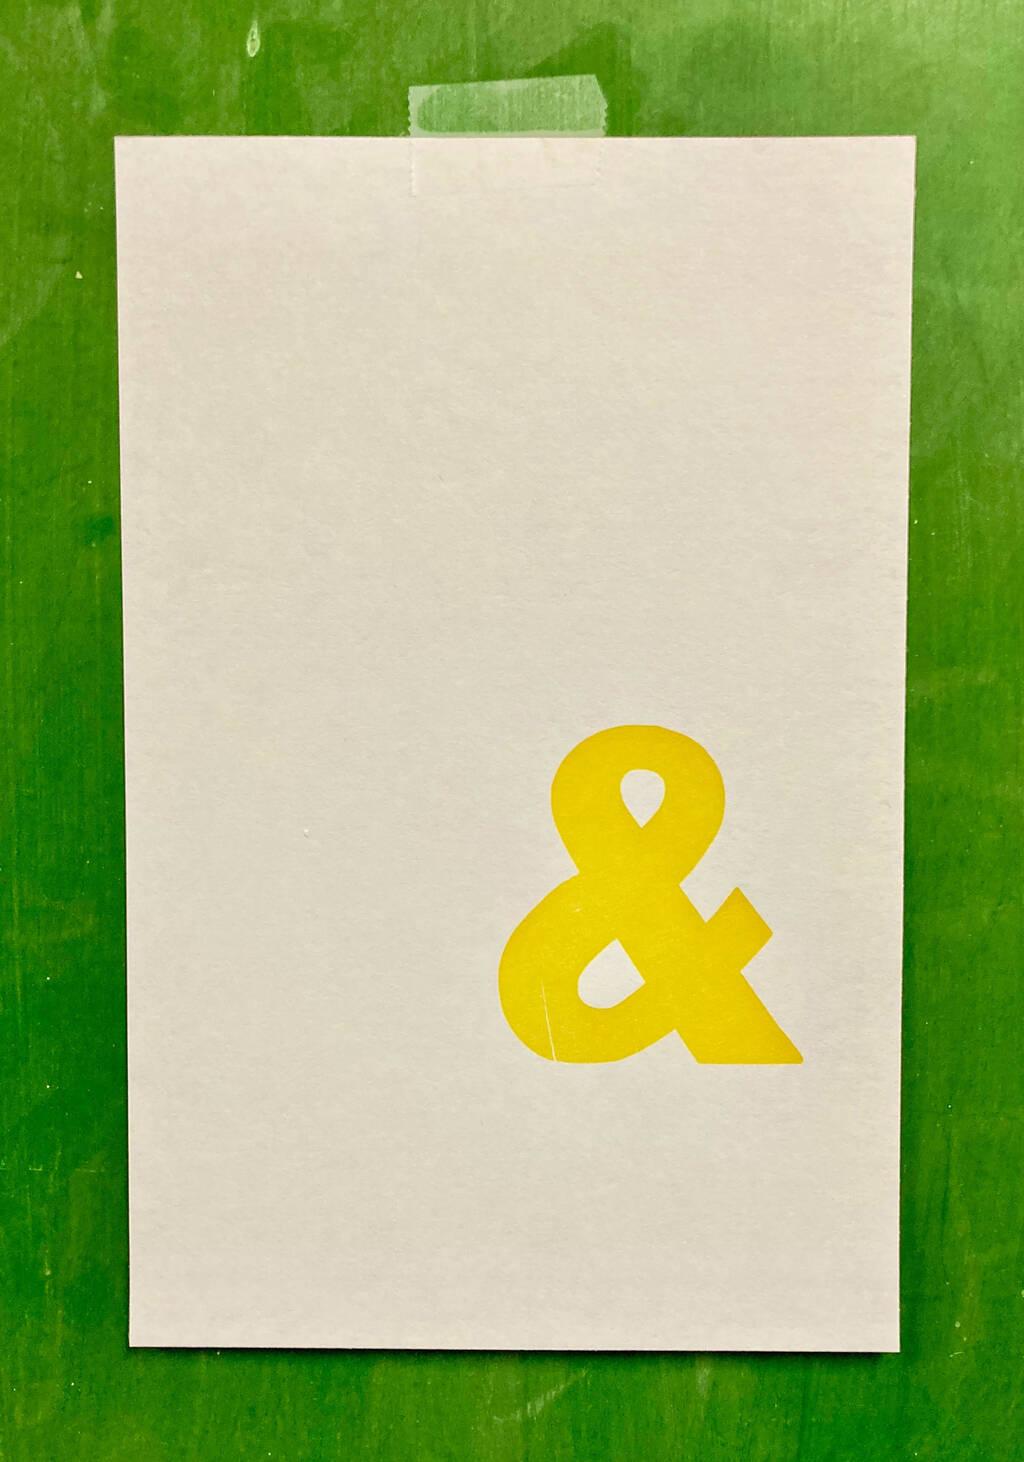 Yellow &